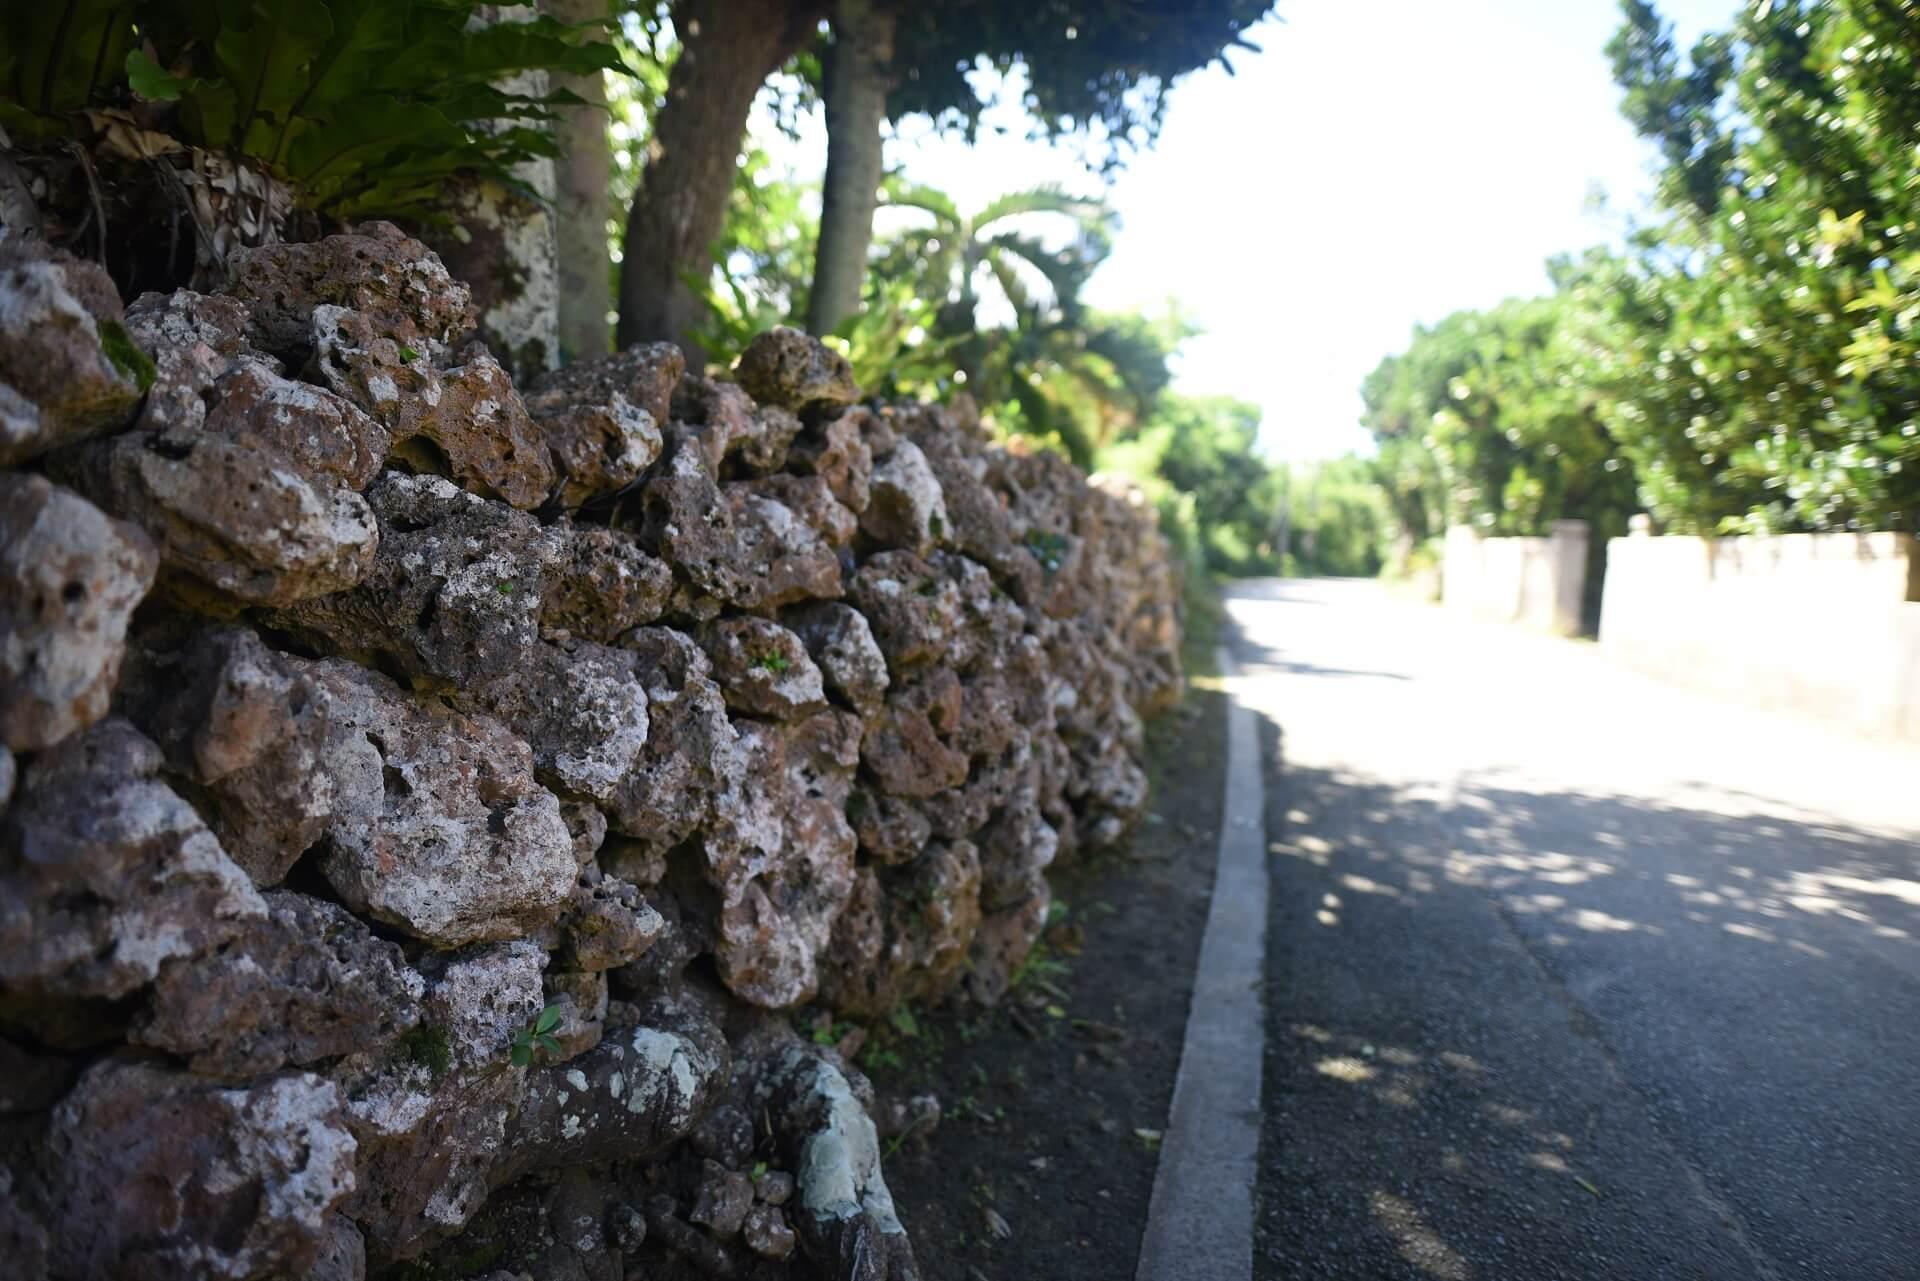 石の壁が沖縄らしさを醸し出す素敵な写真